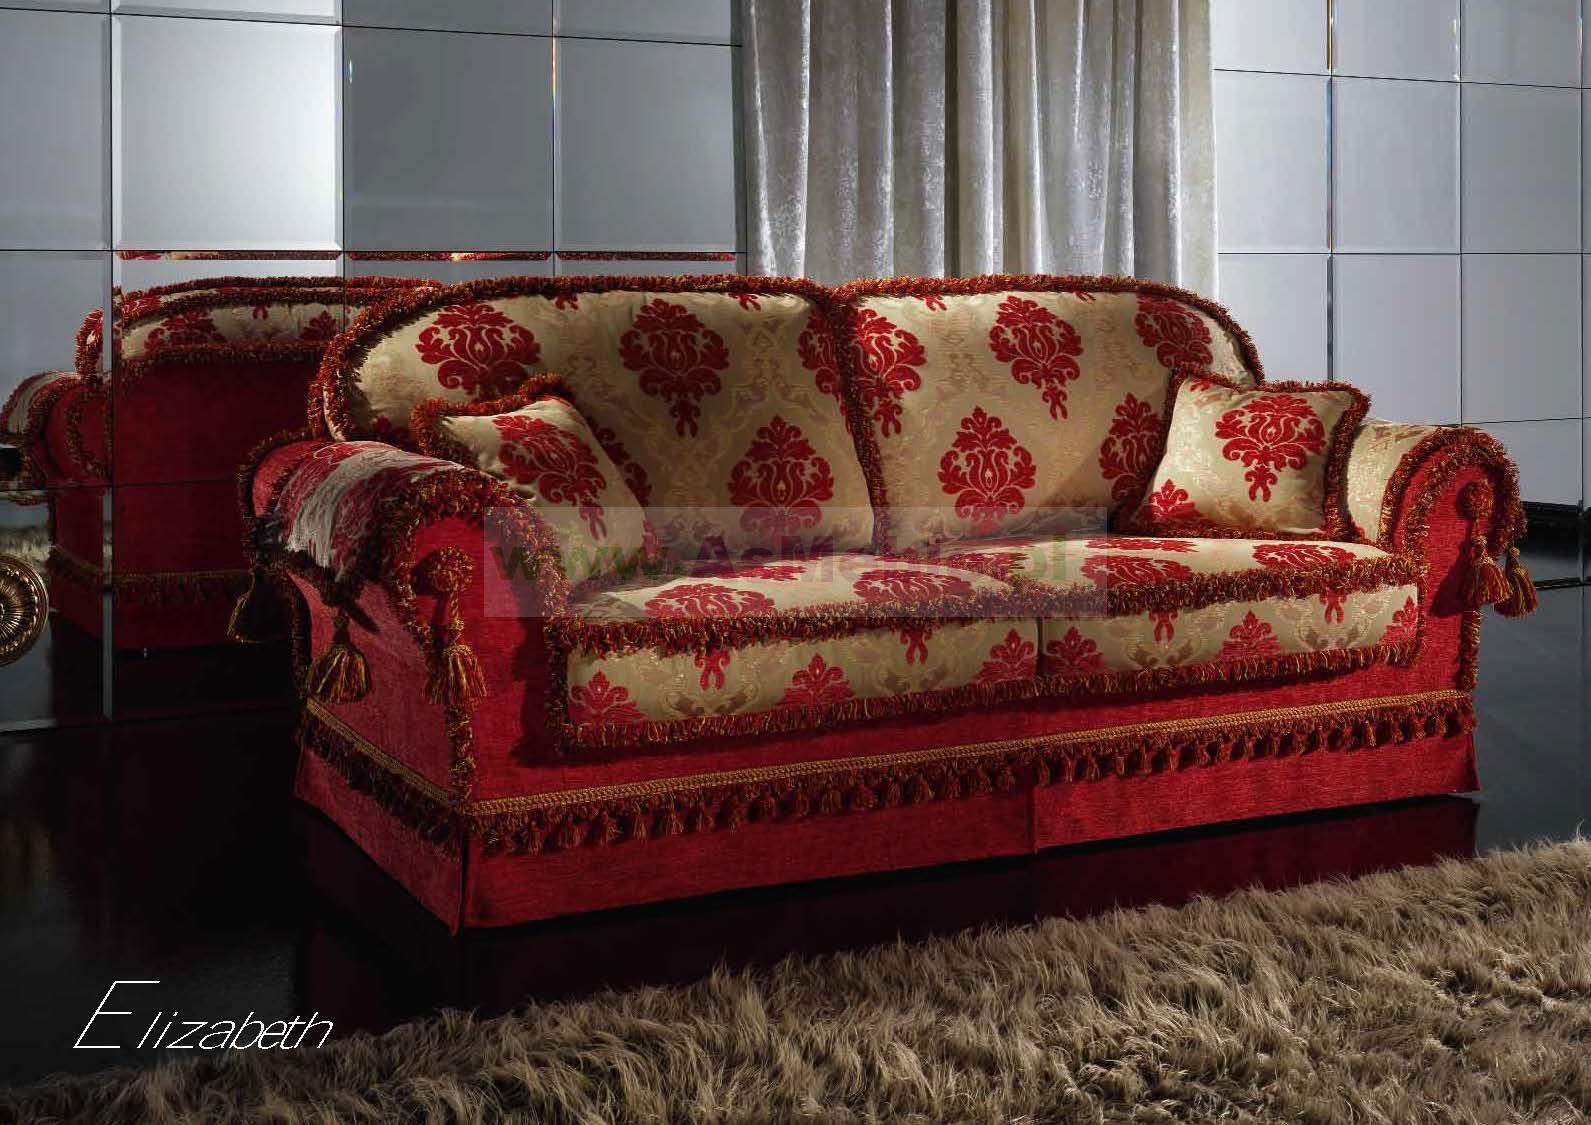 Elizabeth Luksusowa Sofa 3 Os Włoskie Meble Stylowe Meble Włoskie